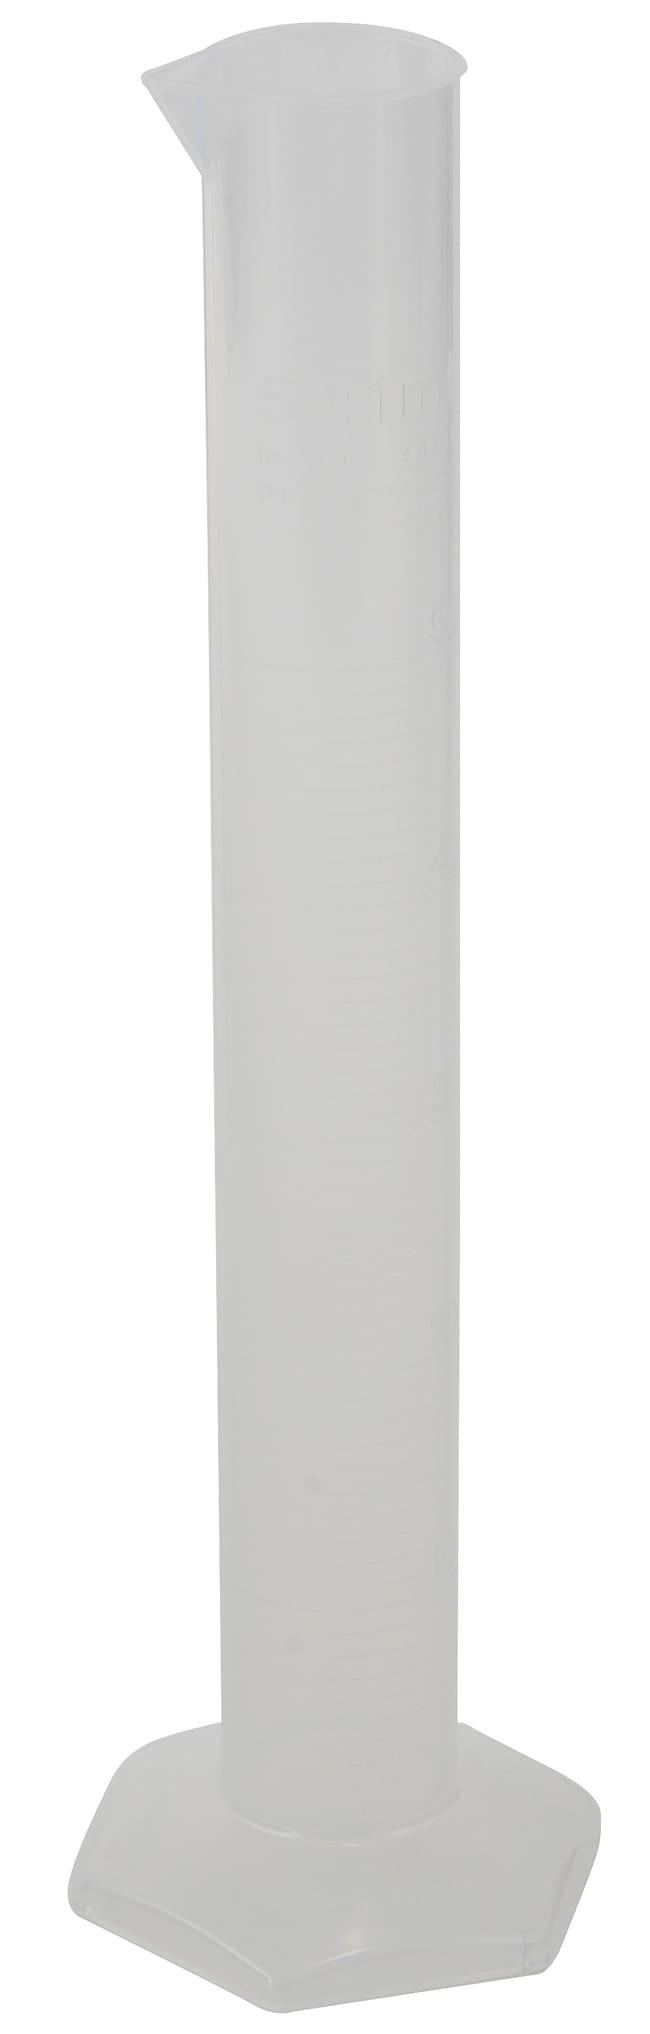 Dynalon™Polypropylene Graduated Cylinders